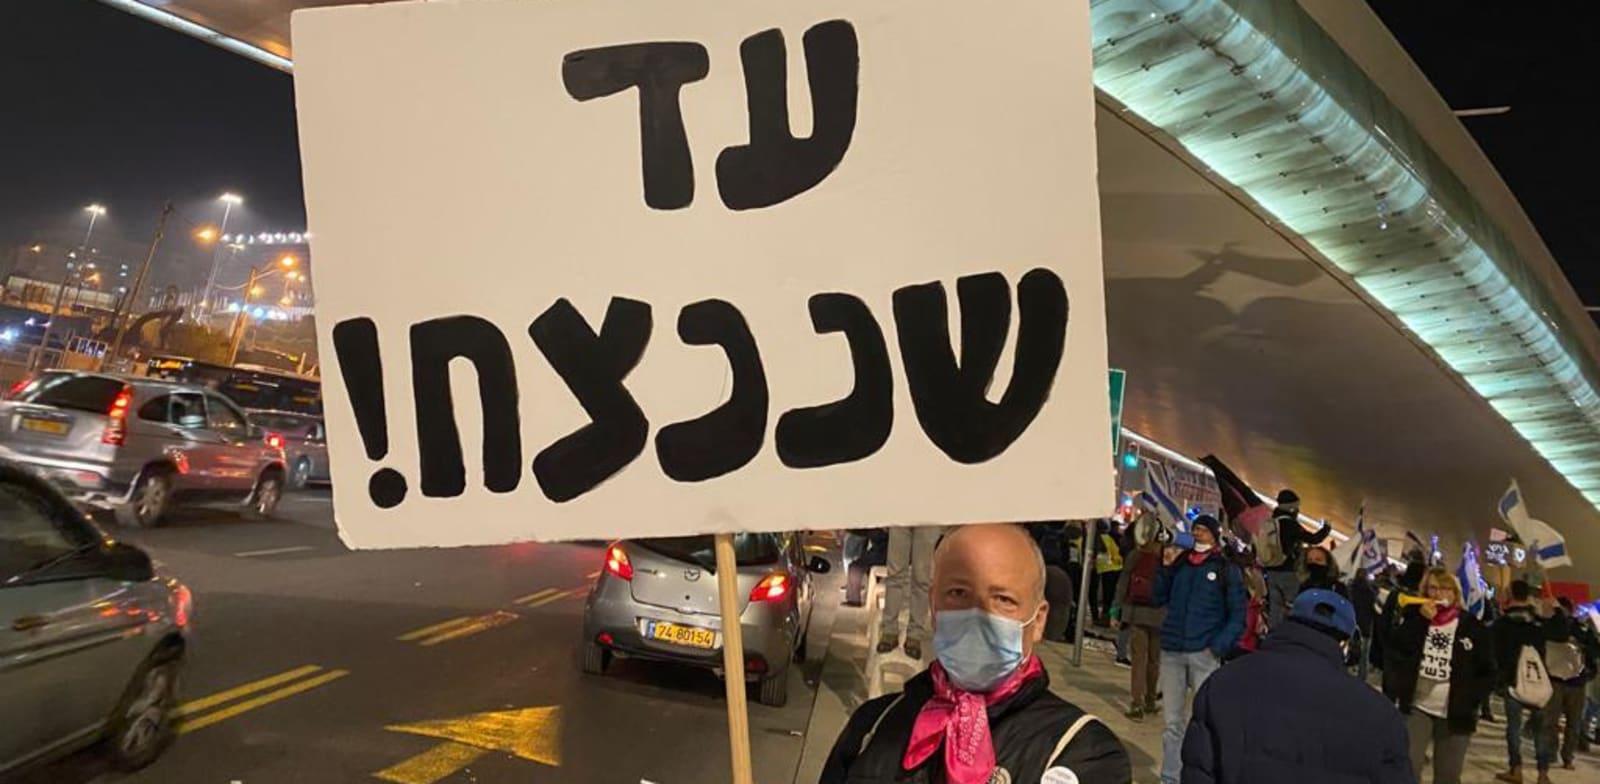 מפגינים נגד ראש הממשלה בנימין נתניהו והשחיתות השלטונית בגשר המיתרים בירושלים / צילום: הדגלים השחורים